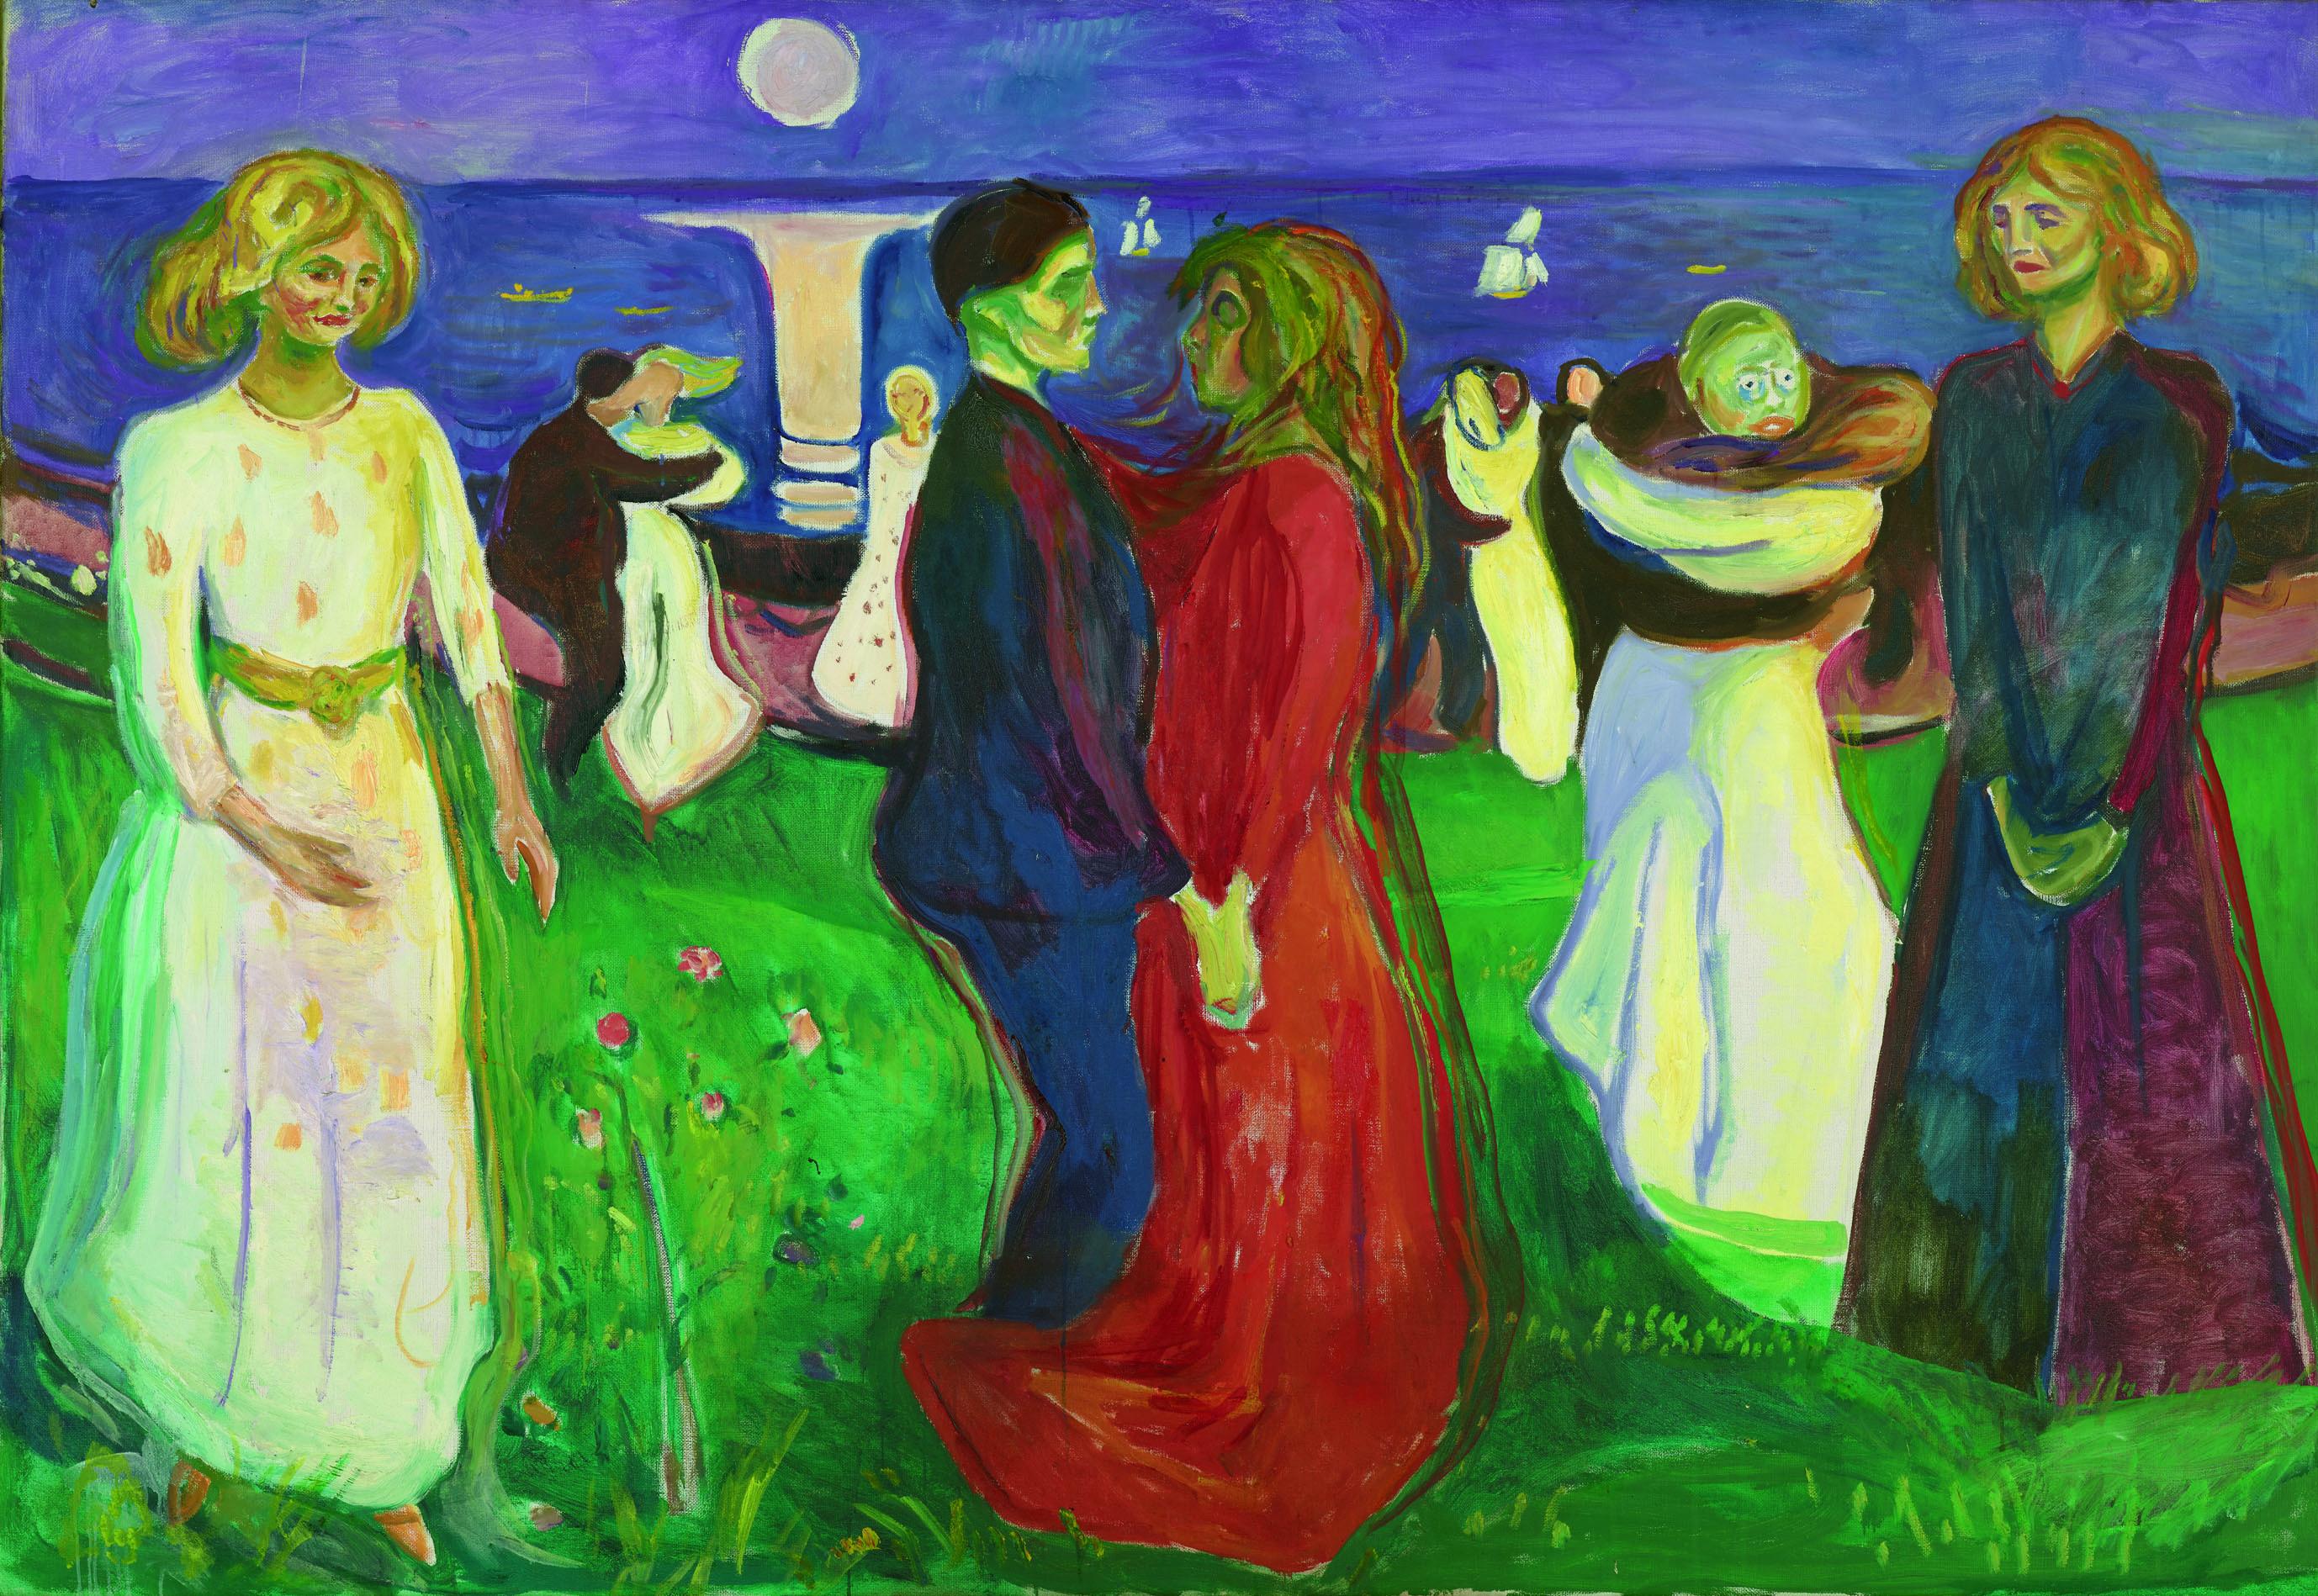 エドヴァルド・ムンク《生命のダンス》1925年 油彩、カンヴァス 143×208cm